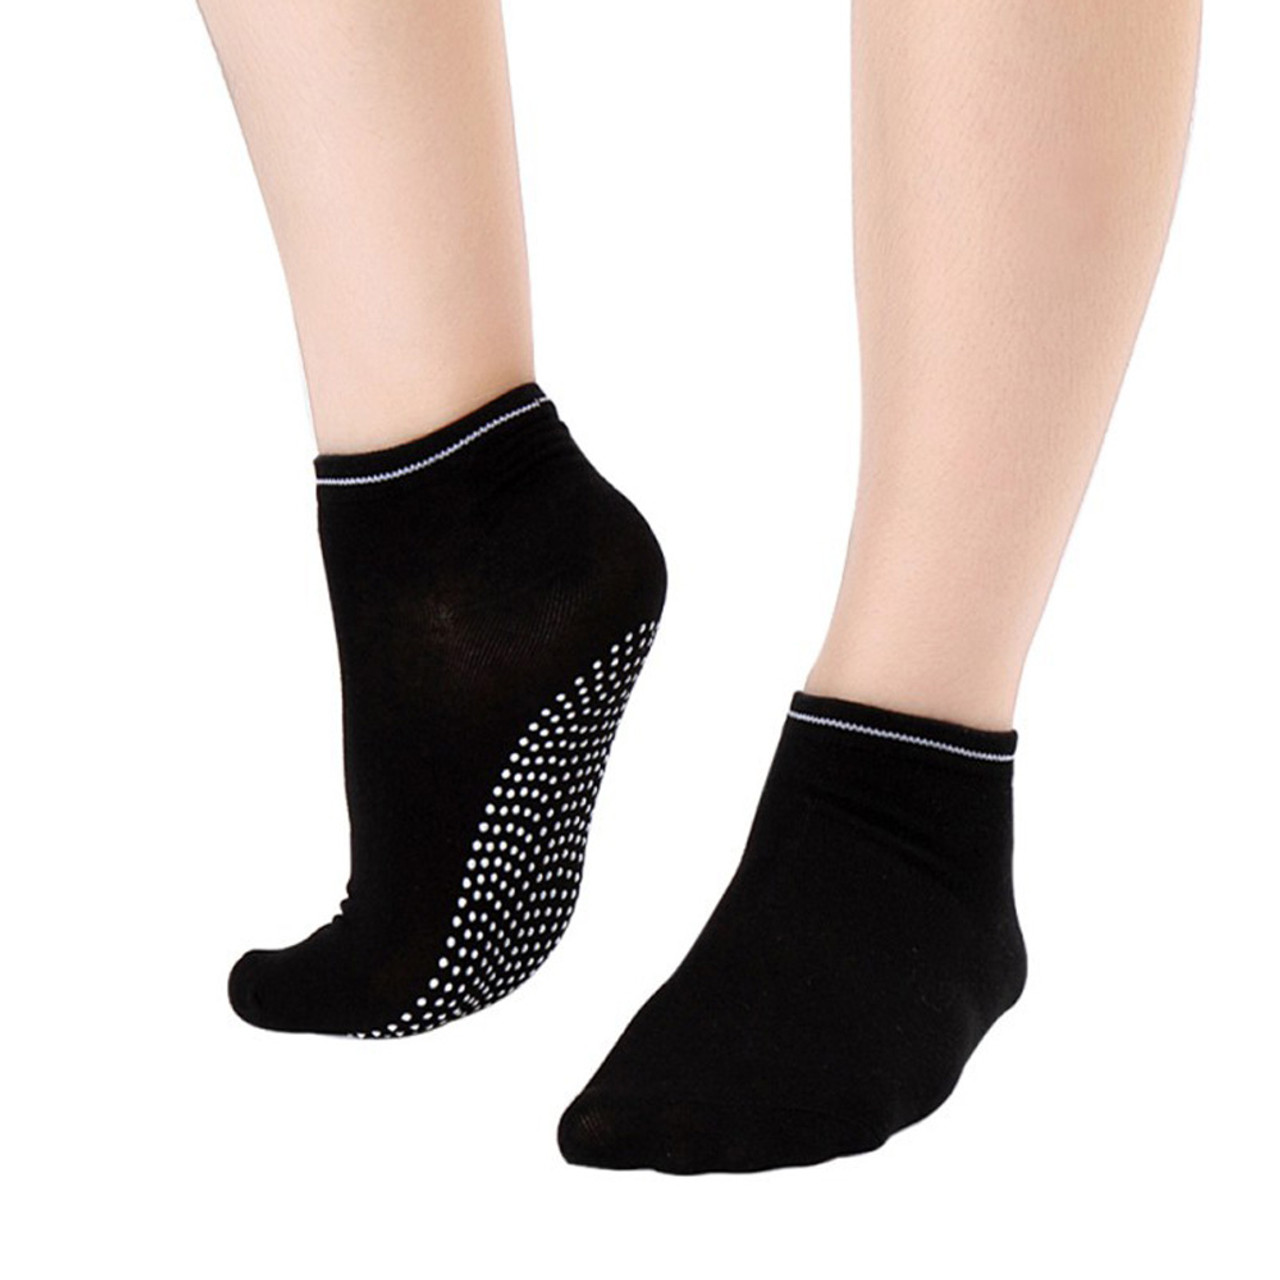 51c9ea5e73884 Yoga Socks 2 PAIR Pilate Socks Non Slip Sticky Socks with Grip Ideal for  Dance, Fitness No Slip, Non Skid Socks FREE Shipping. - www.kaneesha.com